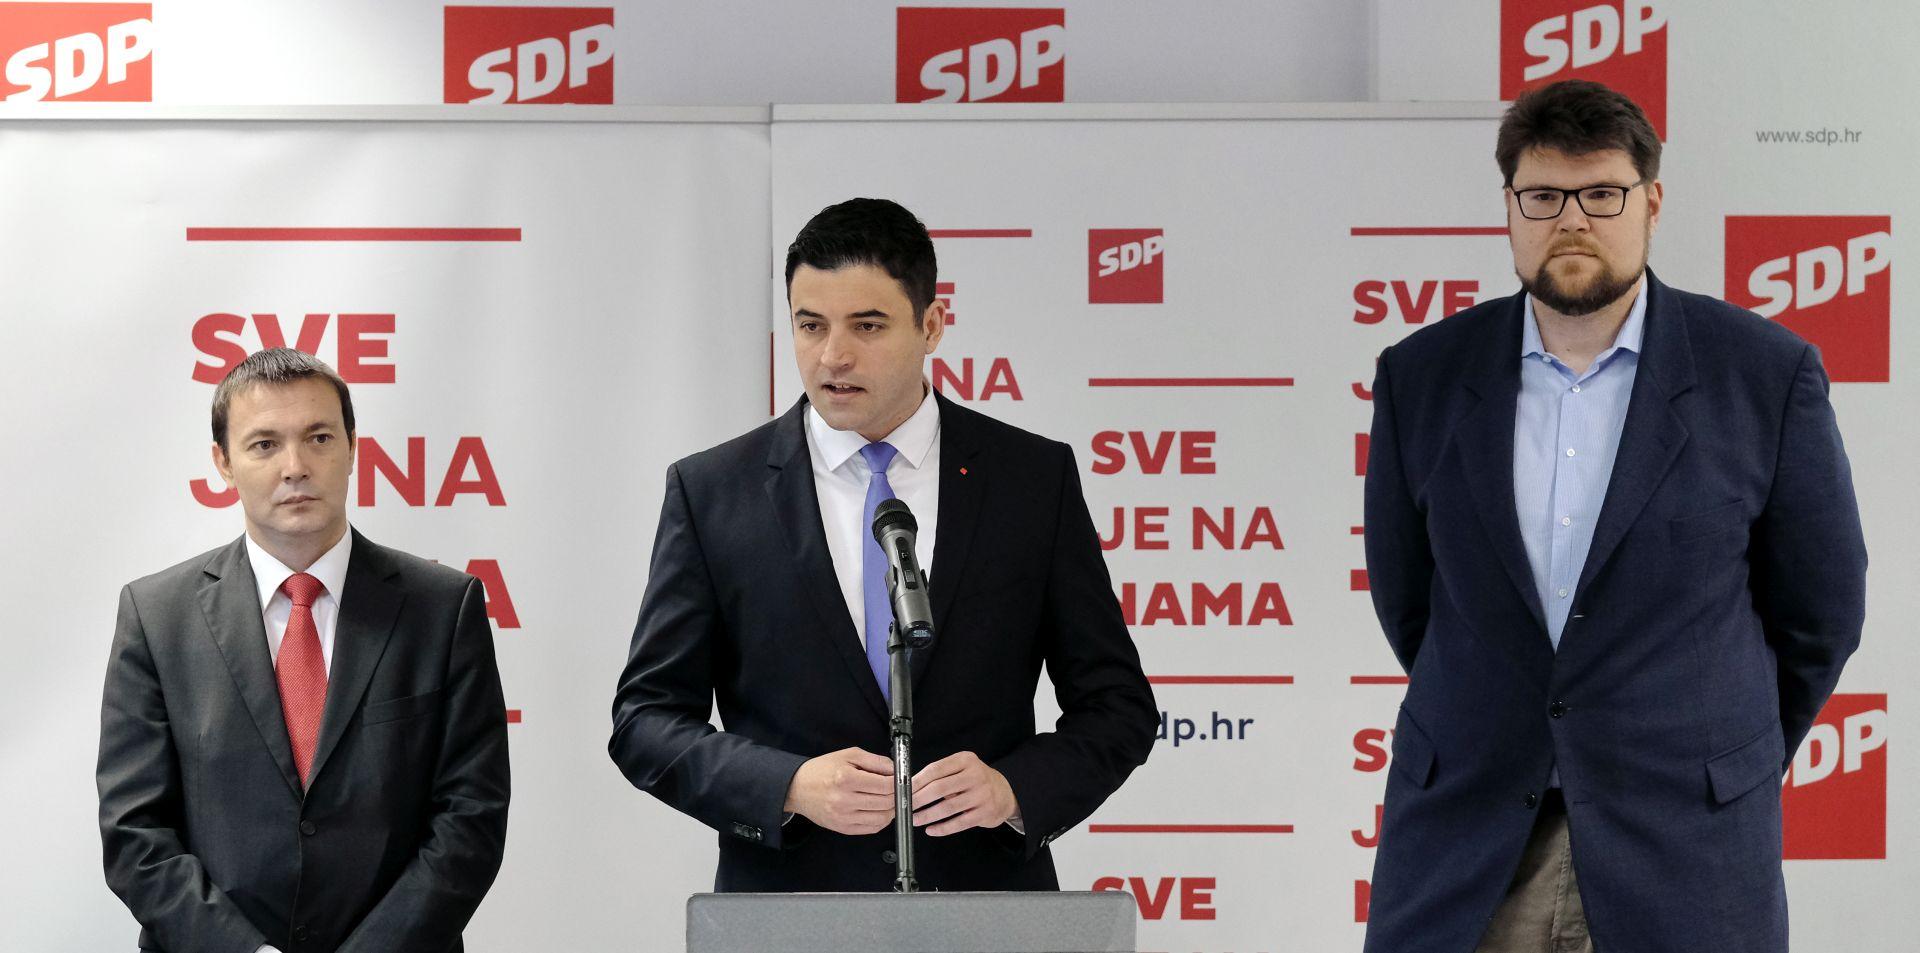 SDP predlaže promjenu Ustava zbog pitanja referenduma